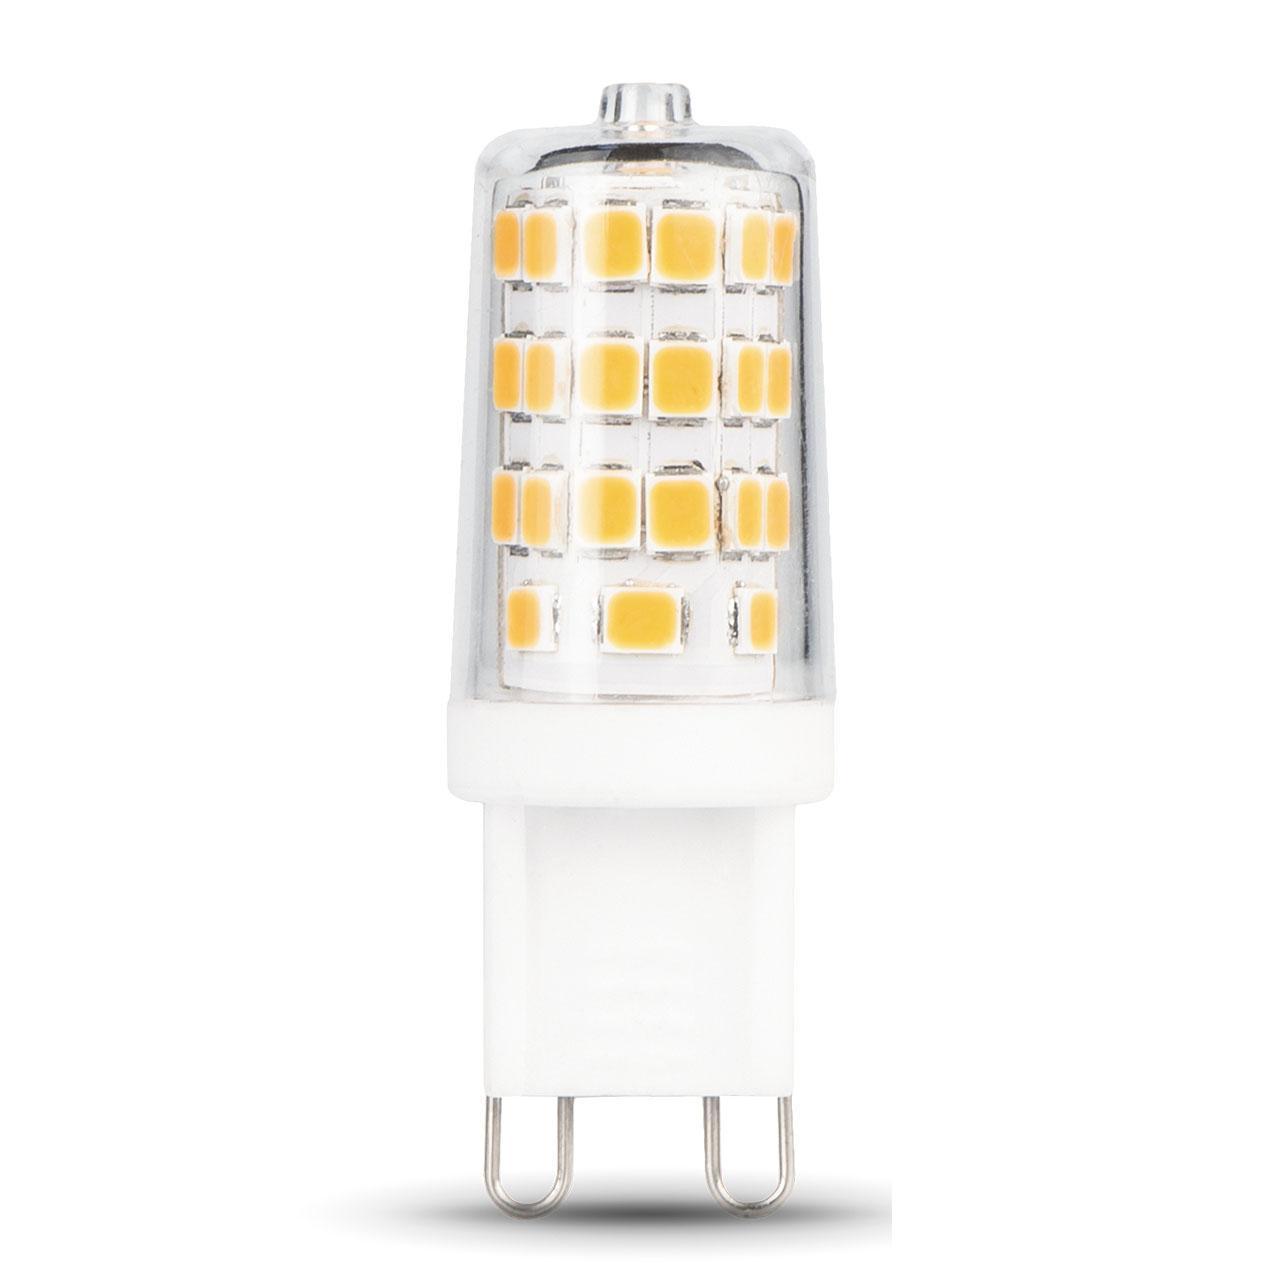 Лампа светодиодная диммируемая G9 3W 4100K прозрачная 107309203